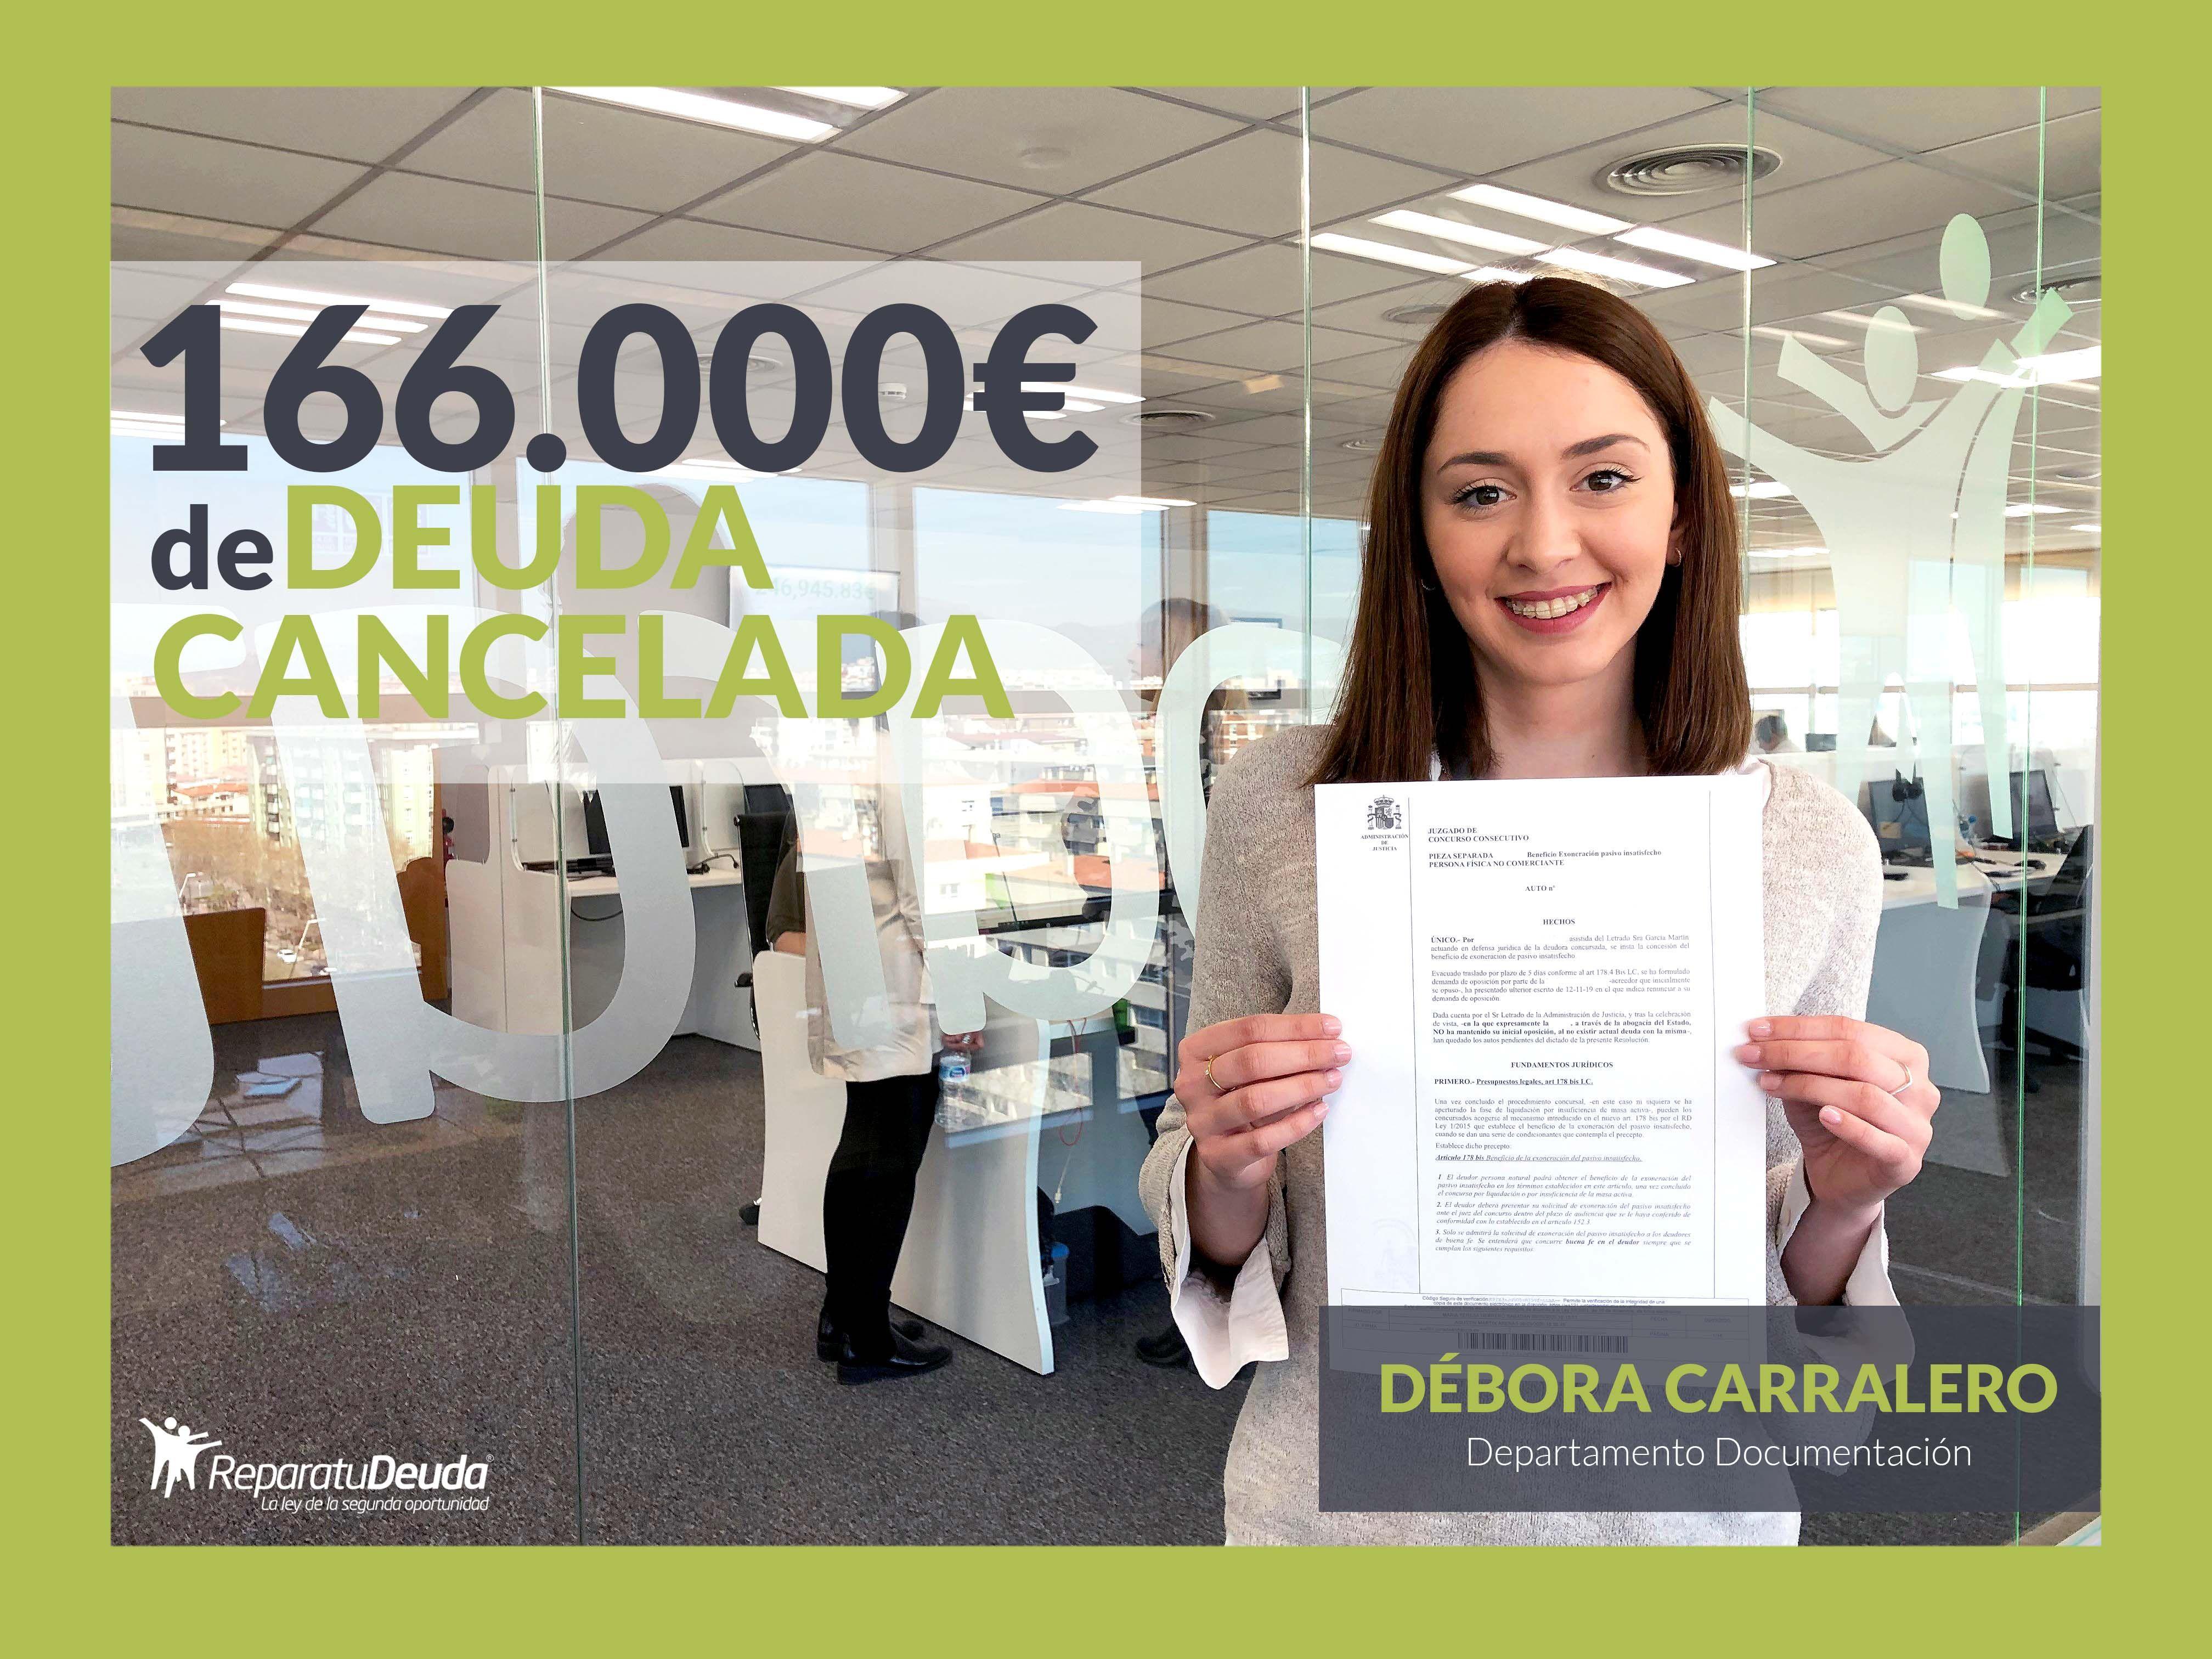 Repara tu deuda Abogados cancela 166.000 eur en Girona mediante la Ley de la Segunda Oportunidad